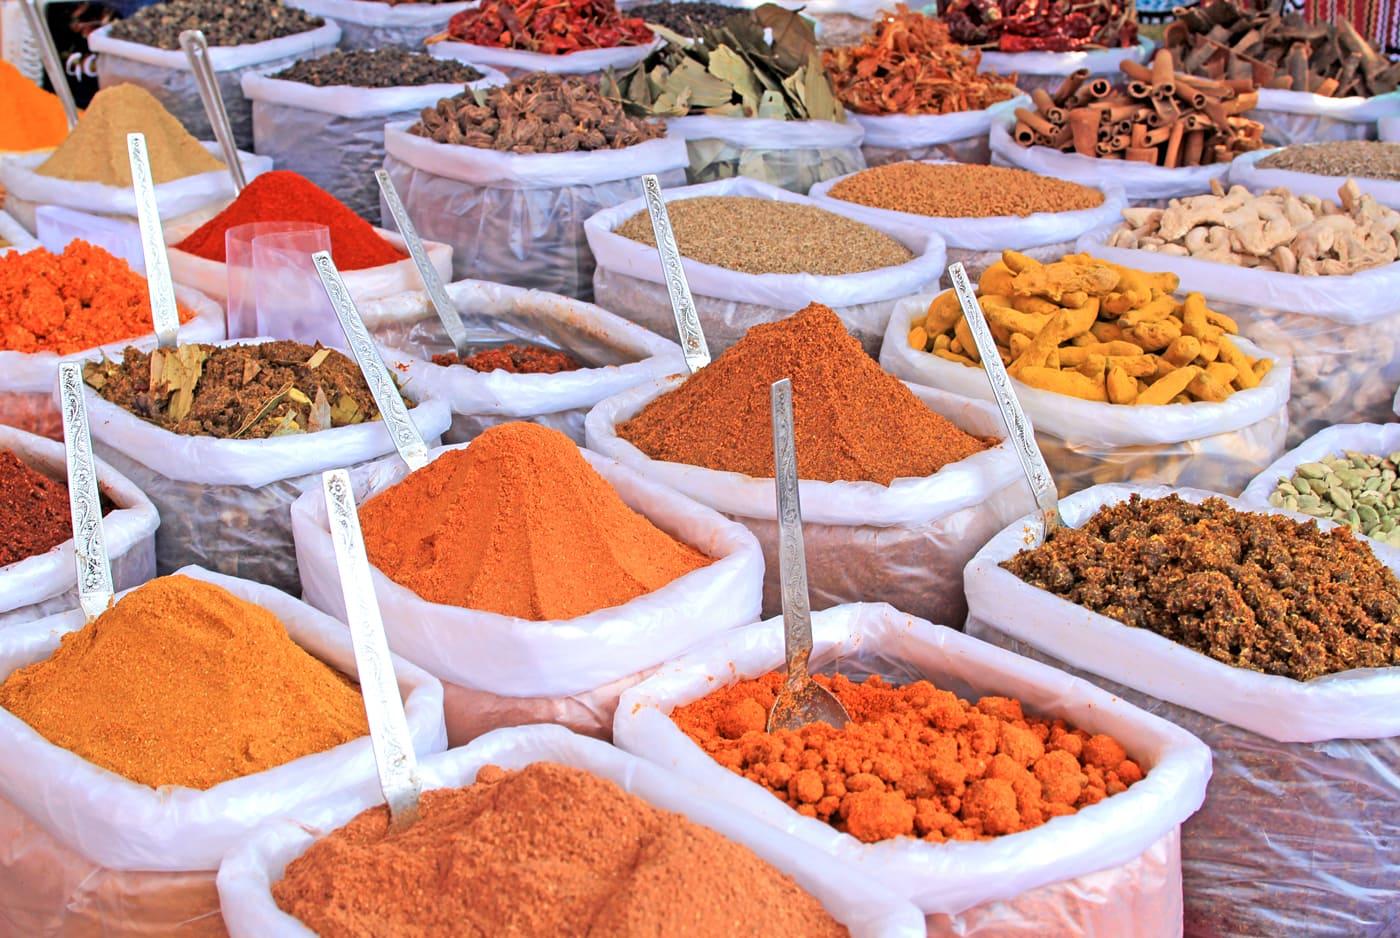 Food of Goa | Colourful spices, India